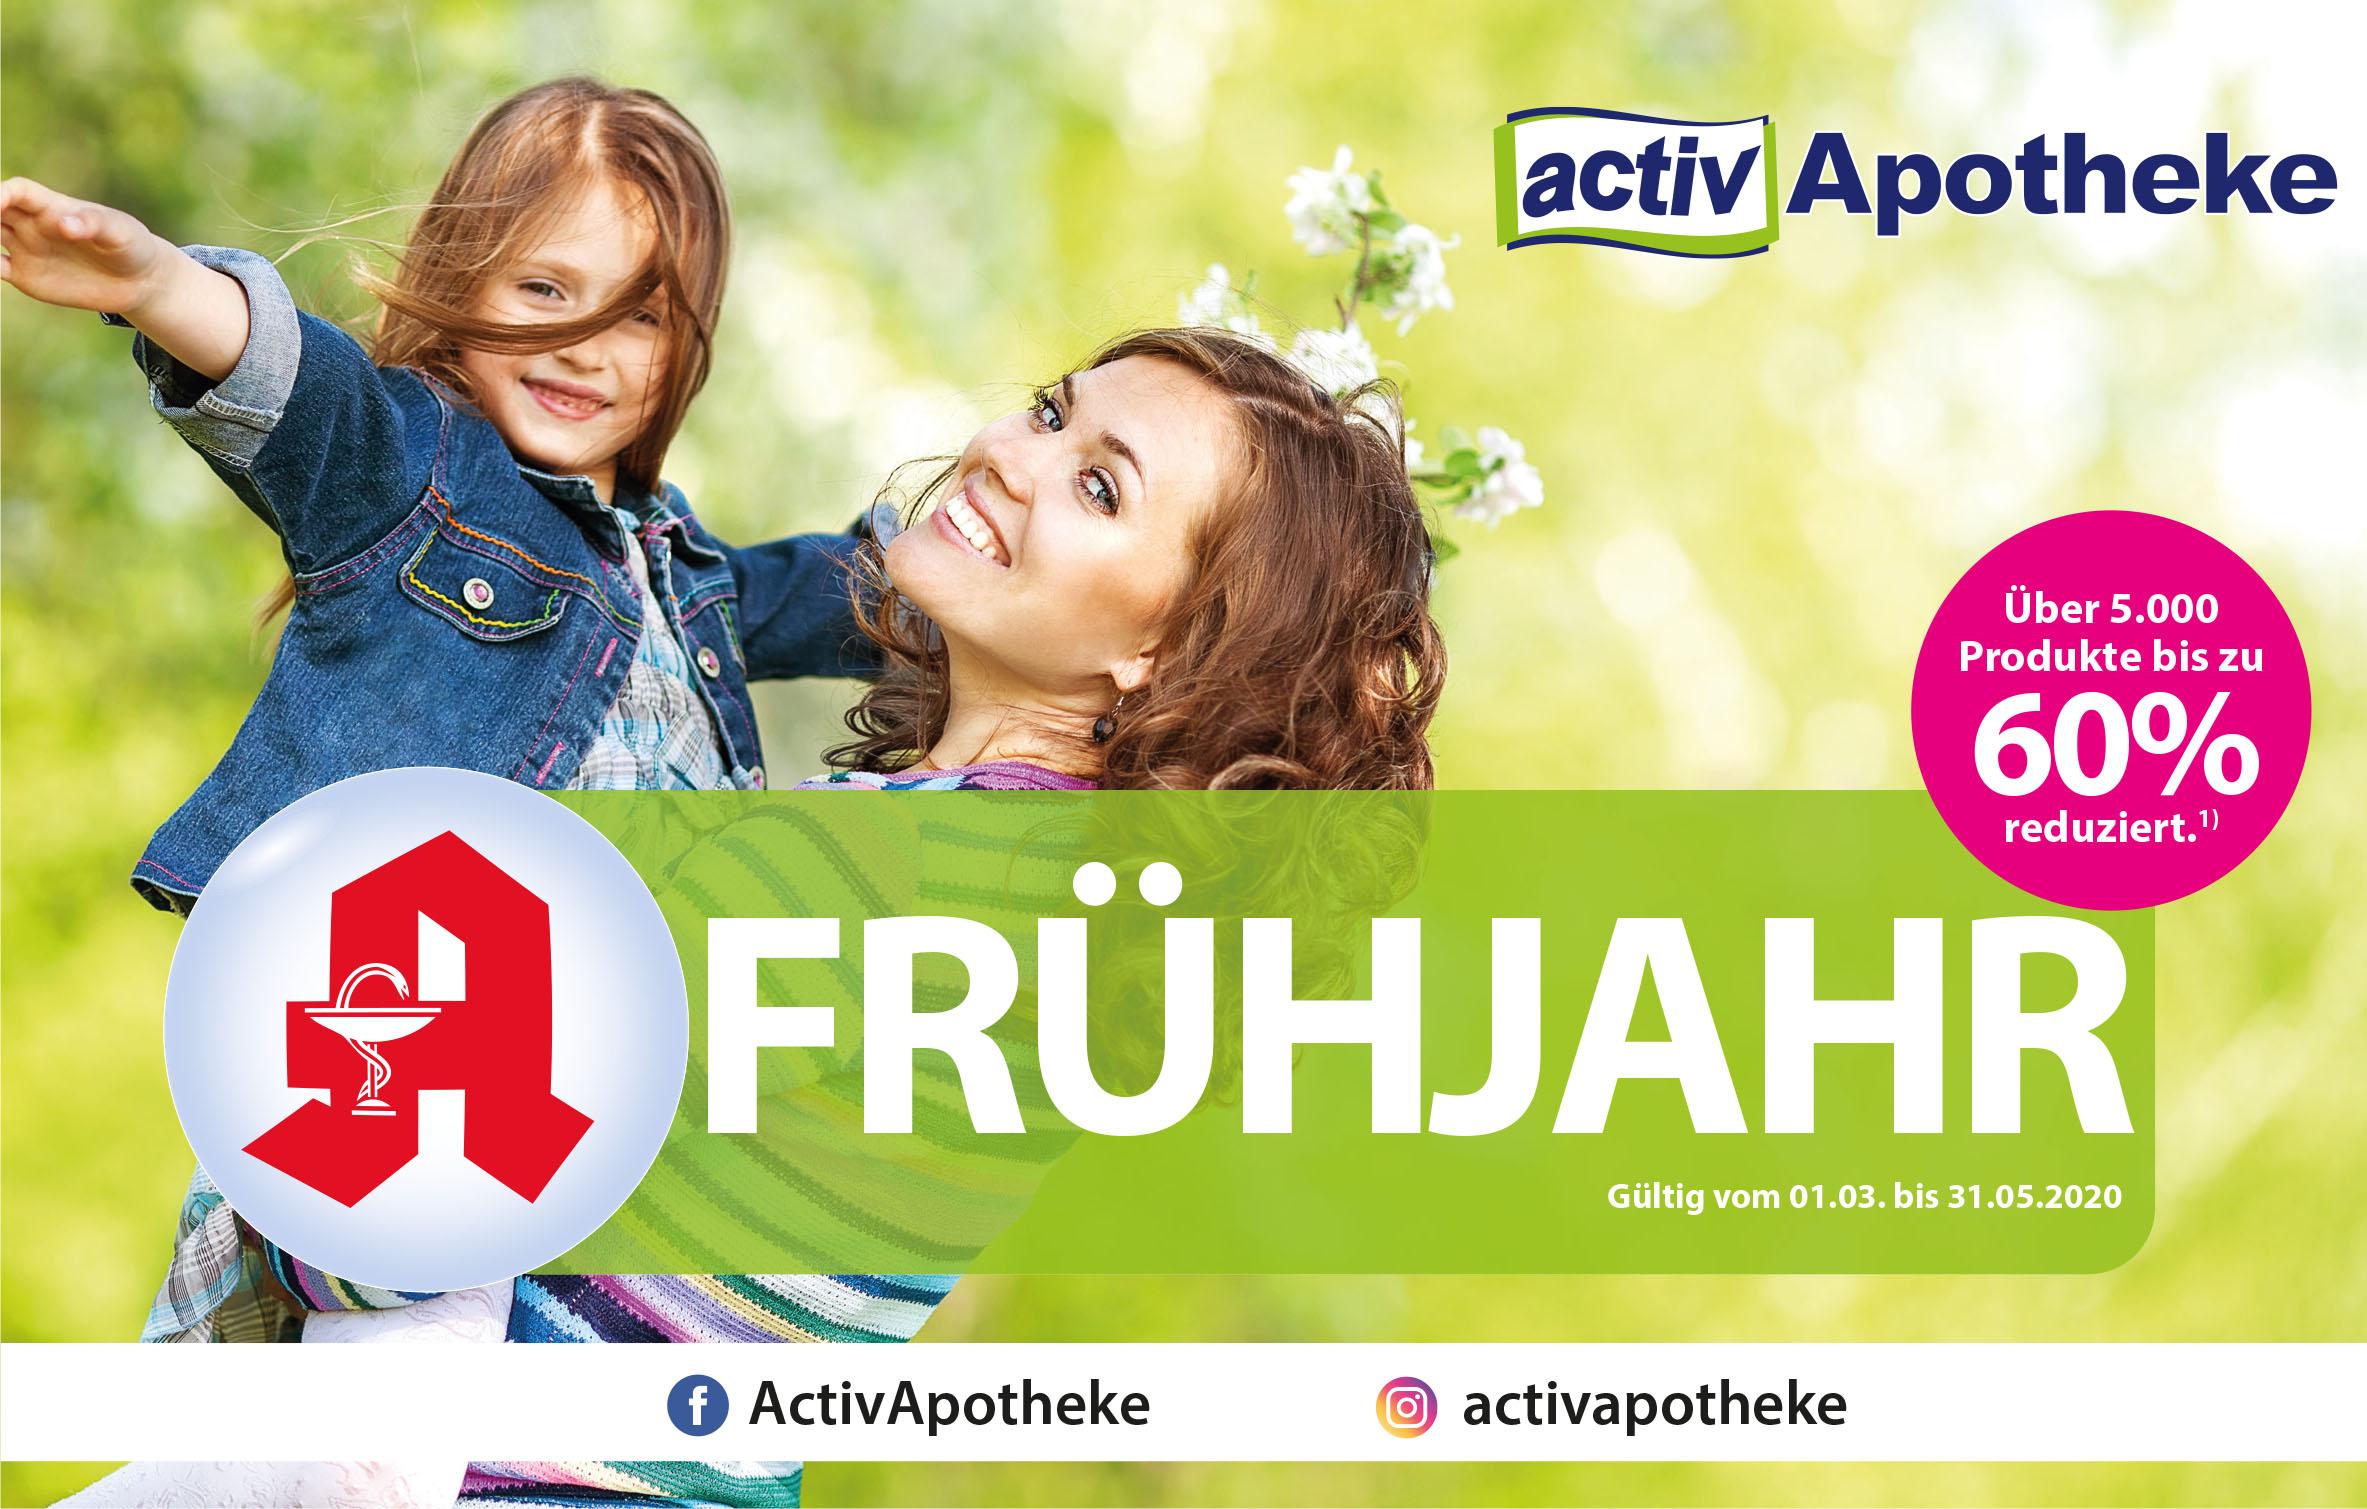 https://www.facebook.com/ActivApotheke/